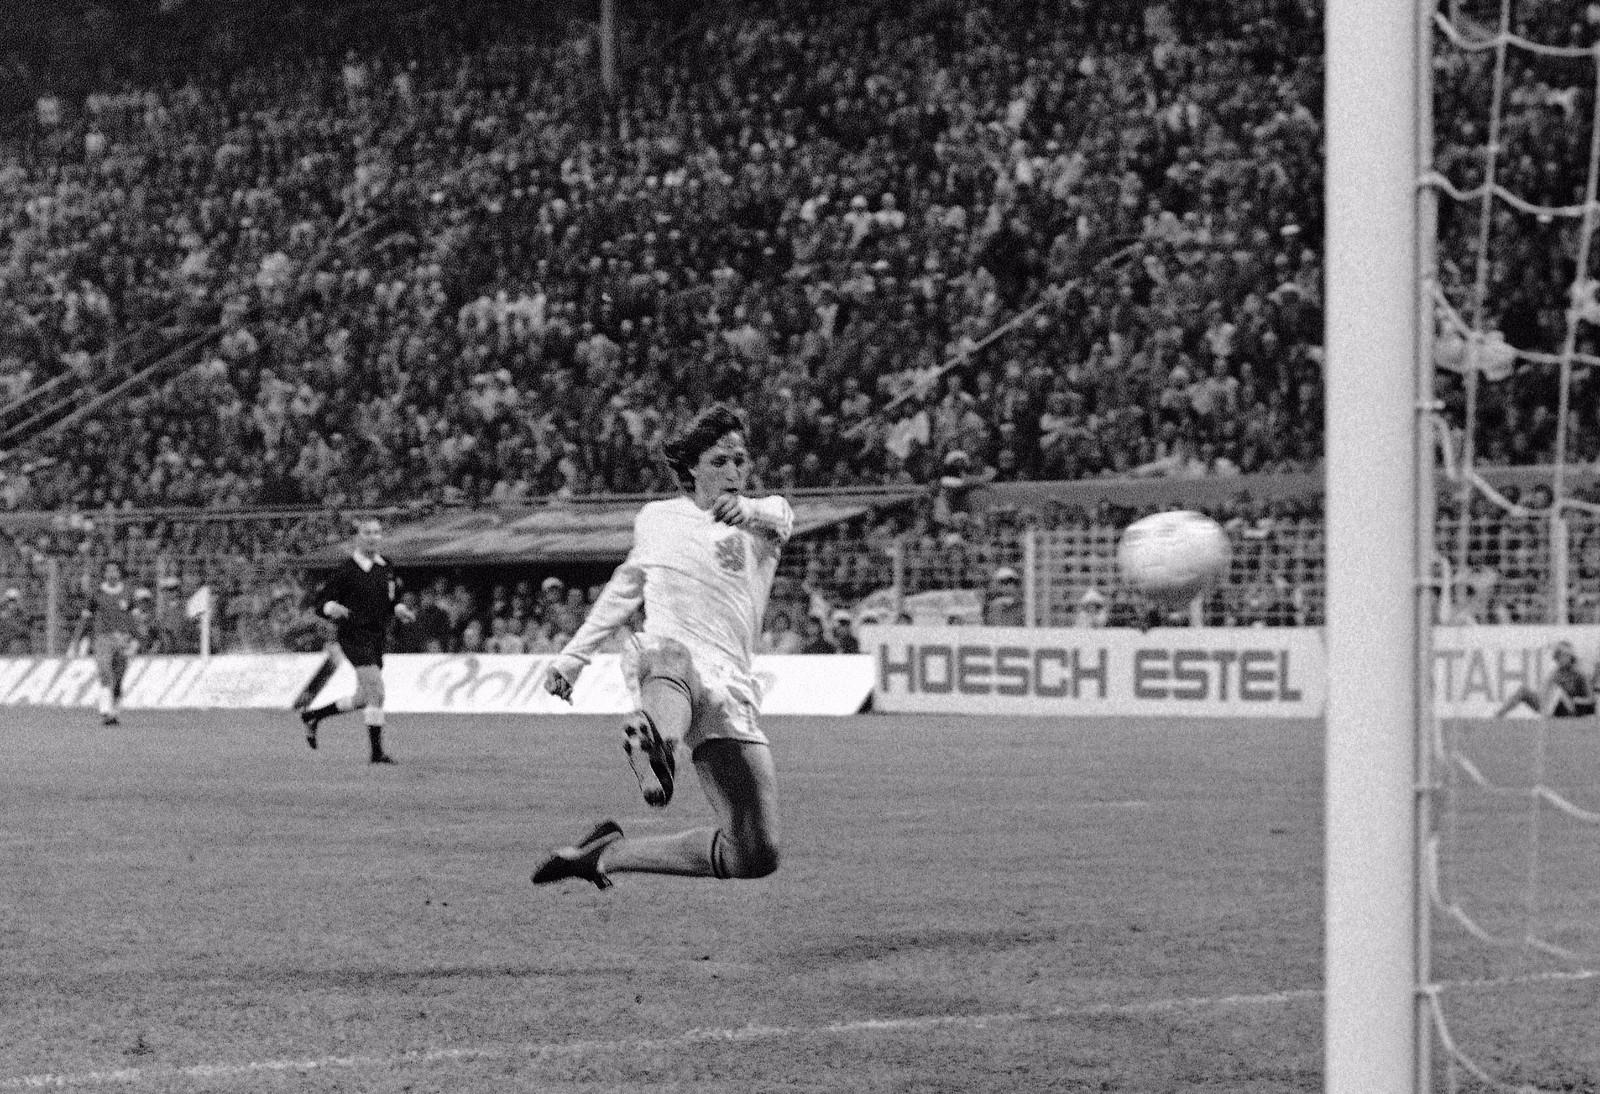 """克鲁伊夫被称为""""荷兰飞人"""",在1974年帮助荷兰打进了世界杯决赛获得亚军,当选本届世界杯的最佳球员。曾经三次荣膺欧洲足球先生称号。他在荷兰的阿贾克斯俱乐部开始自己的职业足球生涯,并在西甲巴塞罗那队达到了顶峰。克鲁伊夫退役后在1988至1996年间担任巴萨主教练。他打造了著名的""""梦之队"""",带领巴塞罗那队夺得1992年欧洲冠军杯冠军,并且从1991年至1994年夺得西甲联赛四连冠。\\\\r\\\\n图为1974年7月4日,荷兰队球员克鲁伊夫(前)在第十届世界杯对阵巴西队的比赛中攻入一球。"""